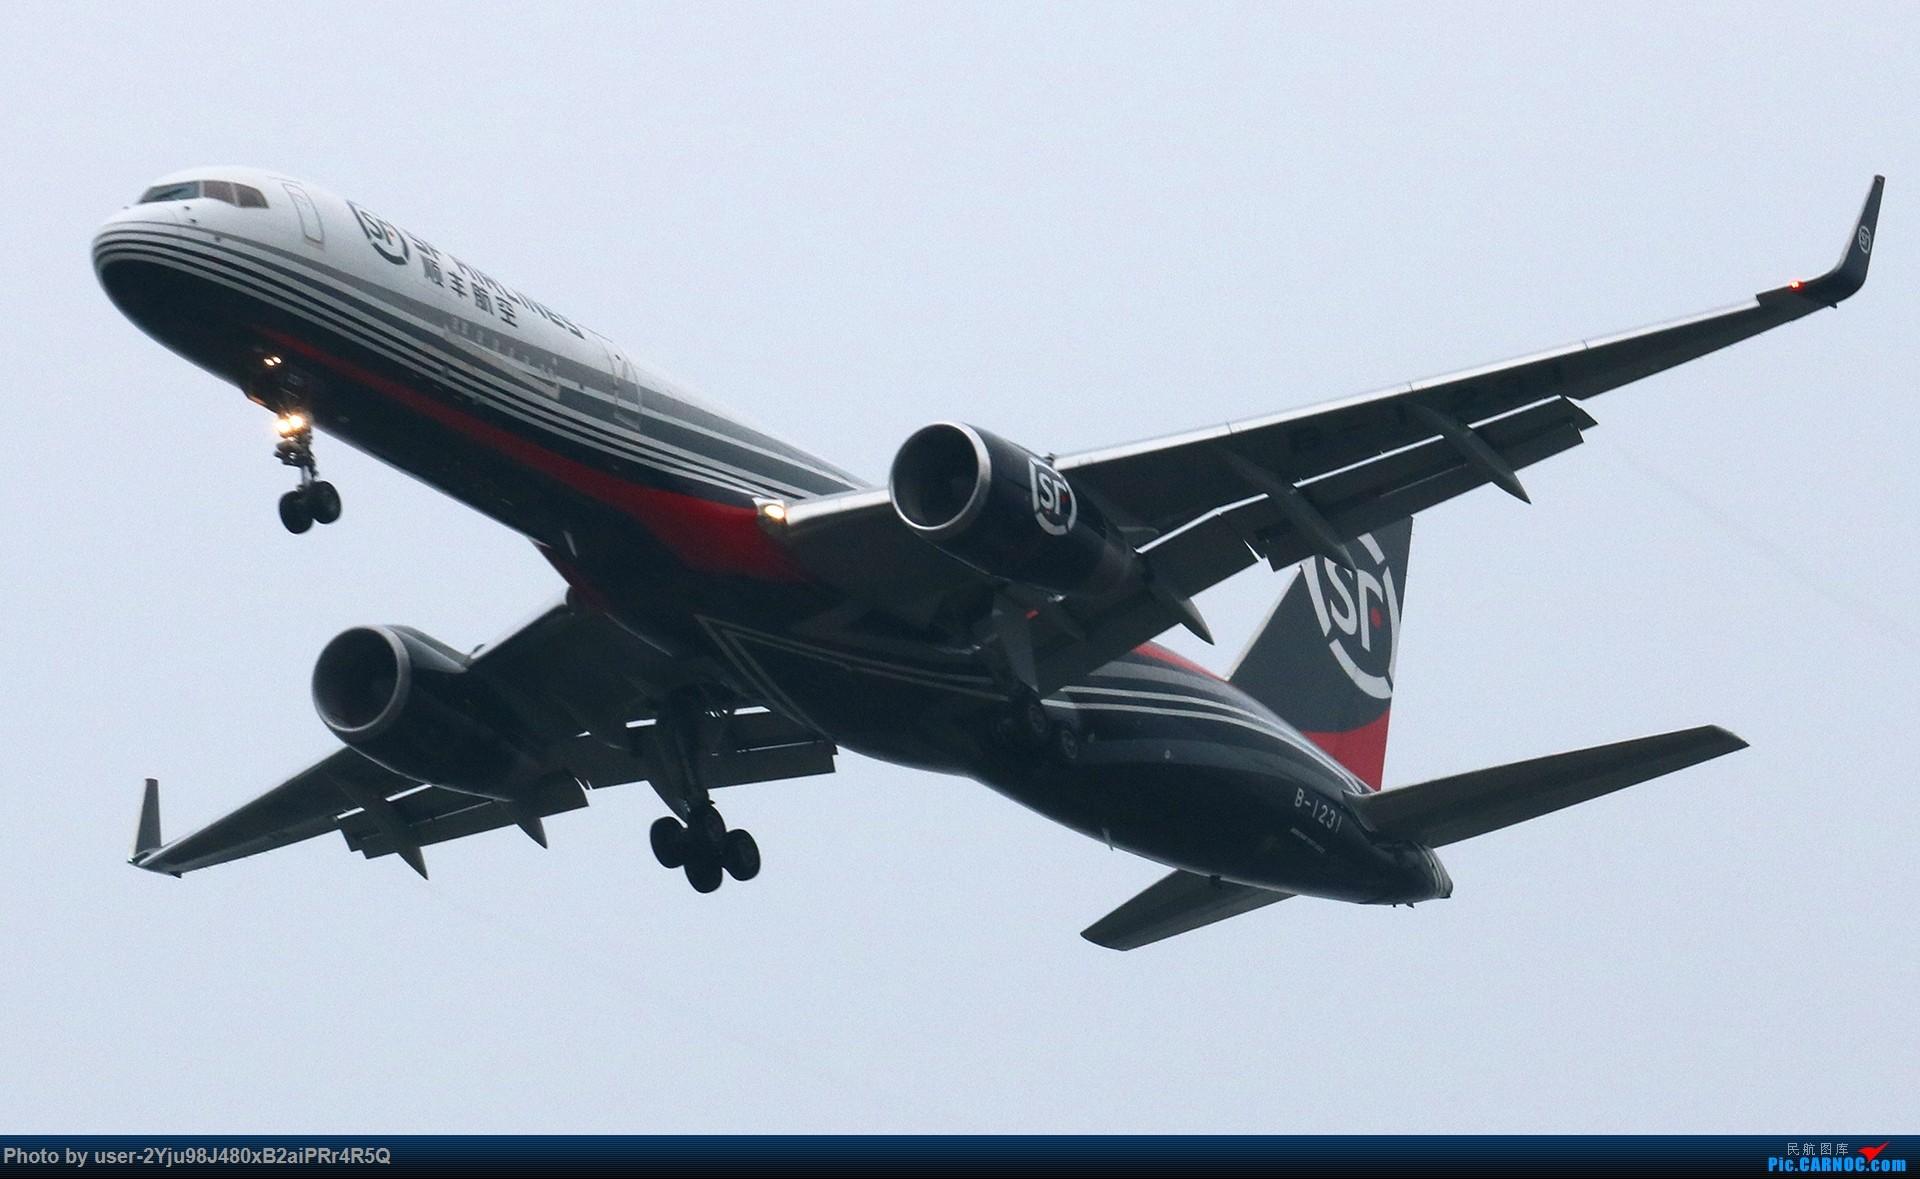 [原创]PEK|01|36R|天空多灰,它们亦放亮 BOEING 757-200 B-1231